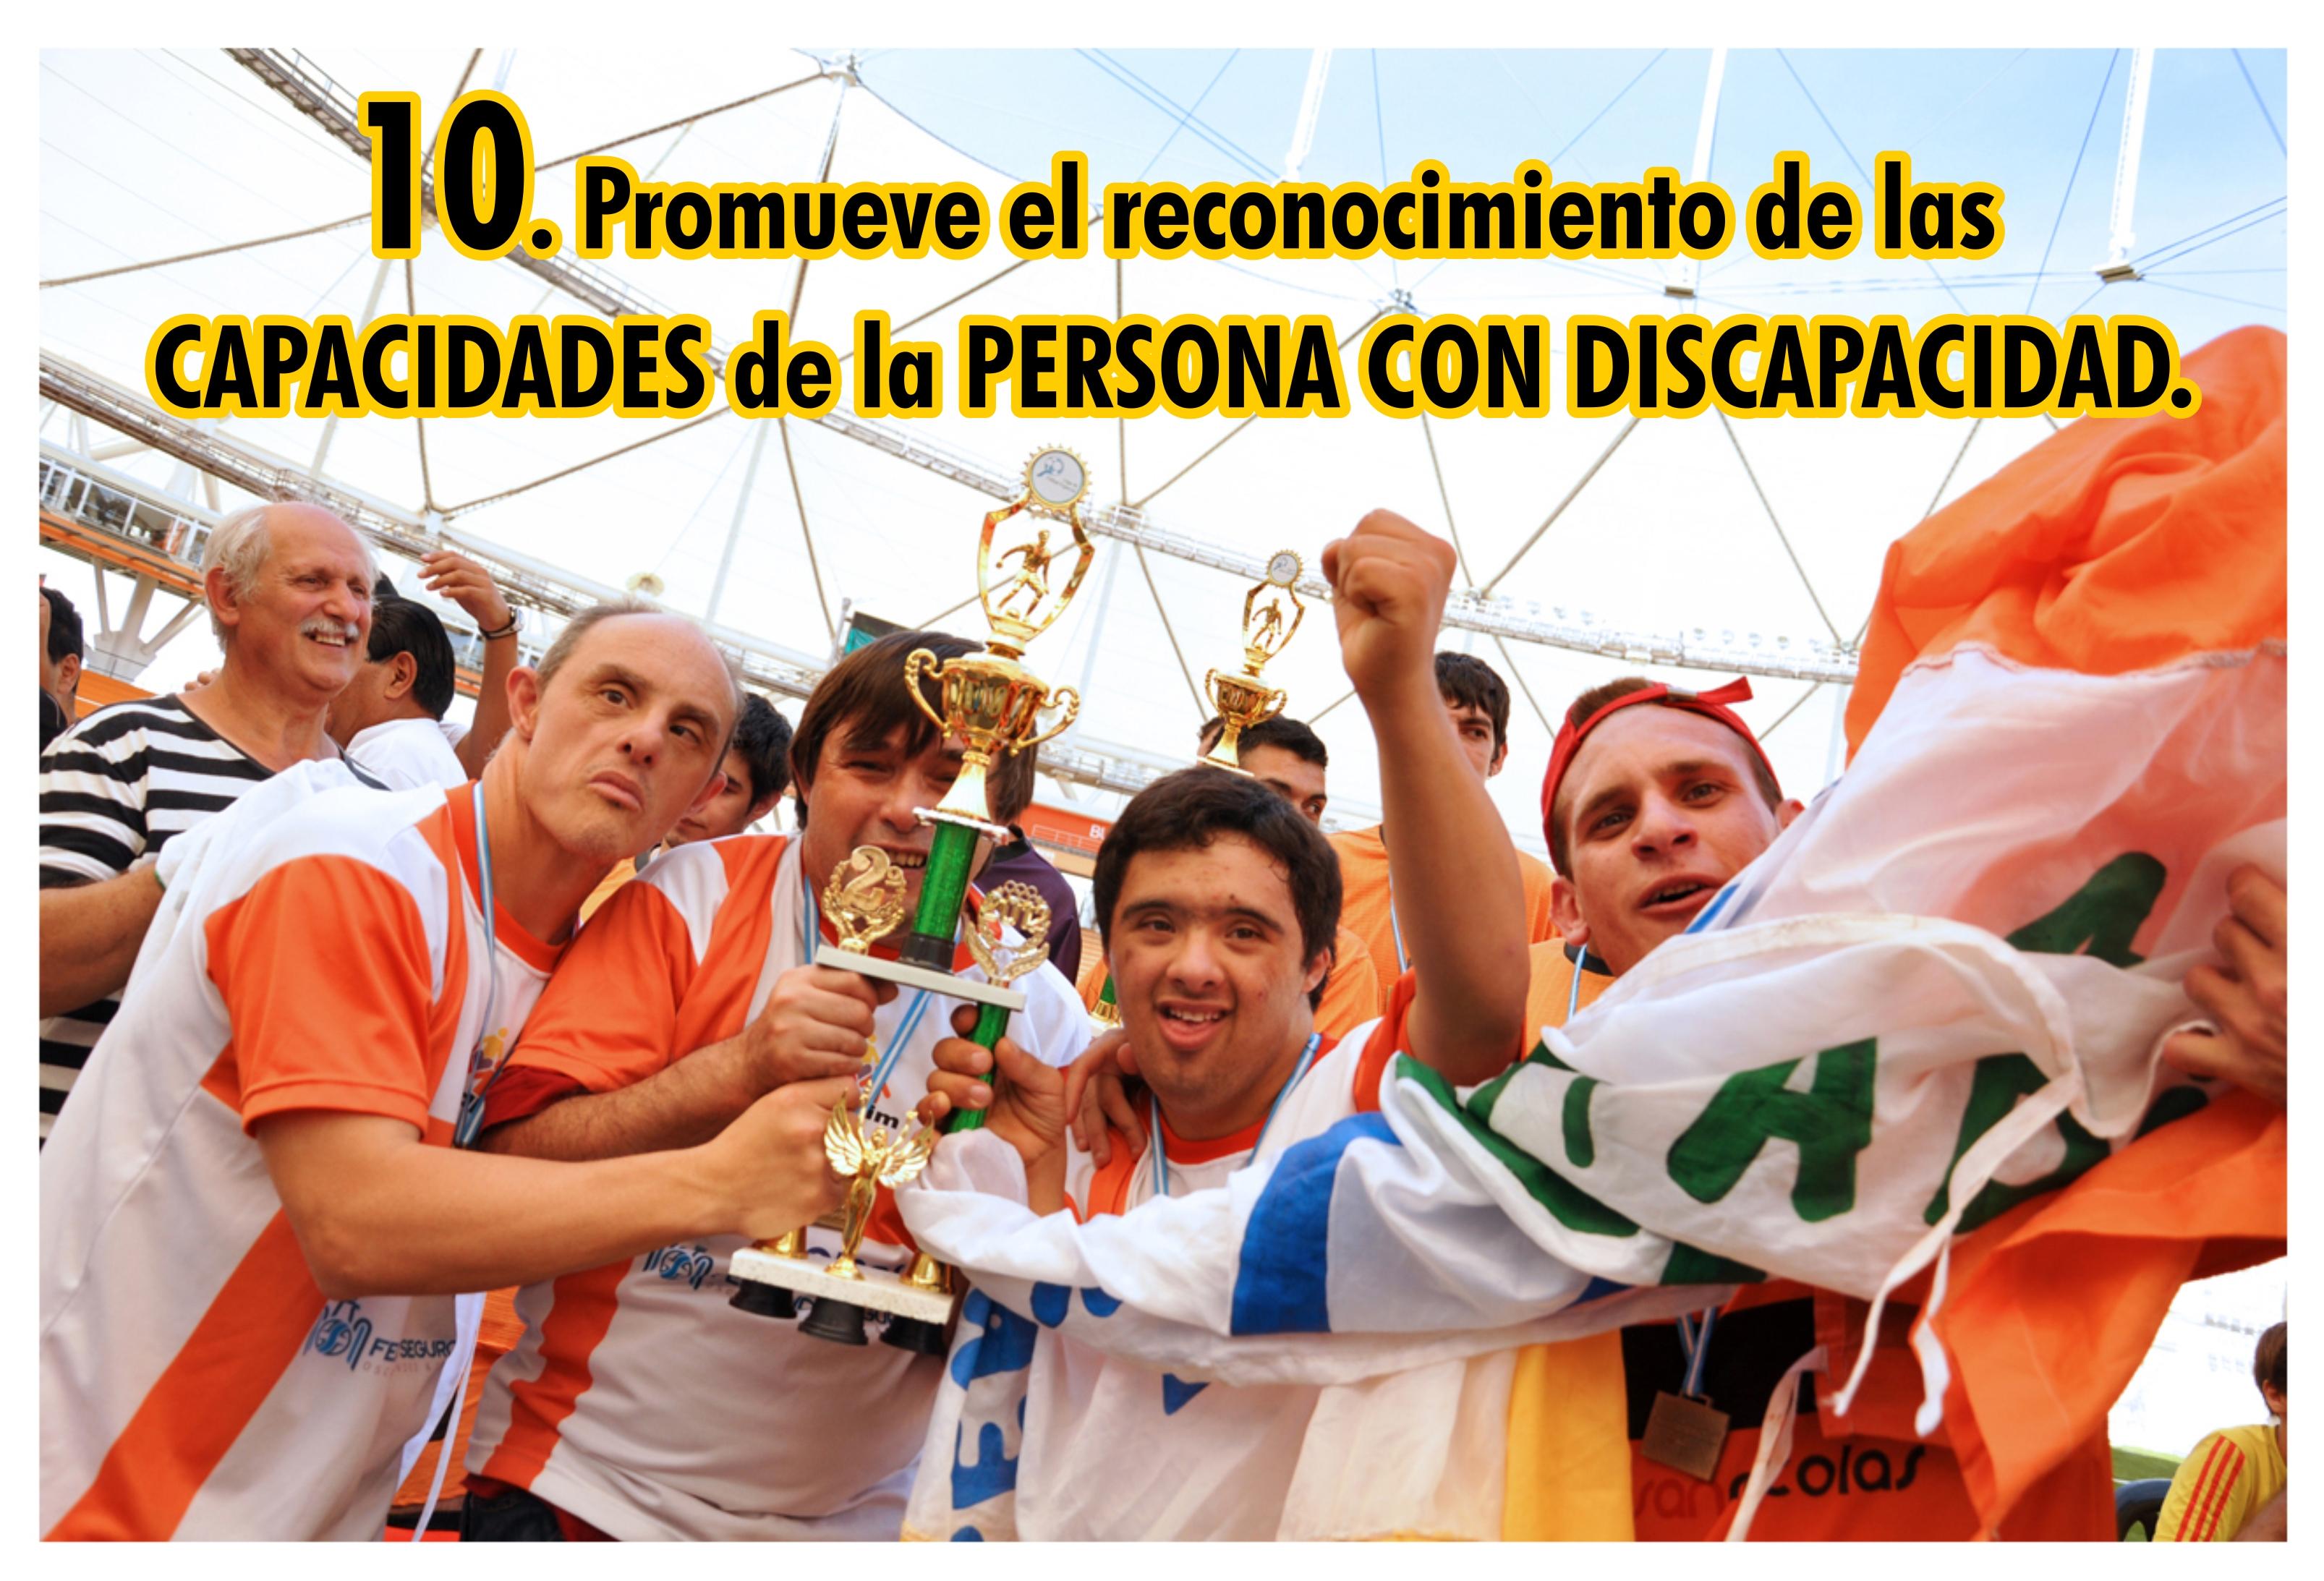 10. Promueve el reconocimiento de las CAPACIDADES de la PERSONA CON DISCAPACIDAD.